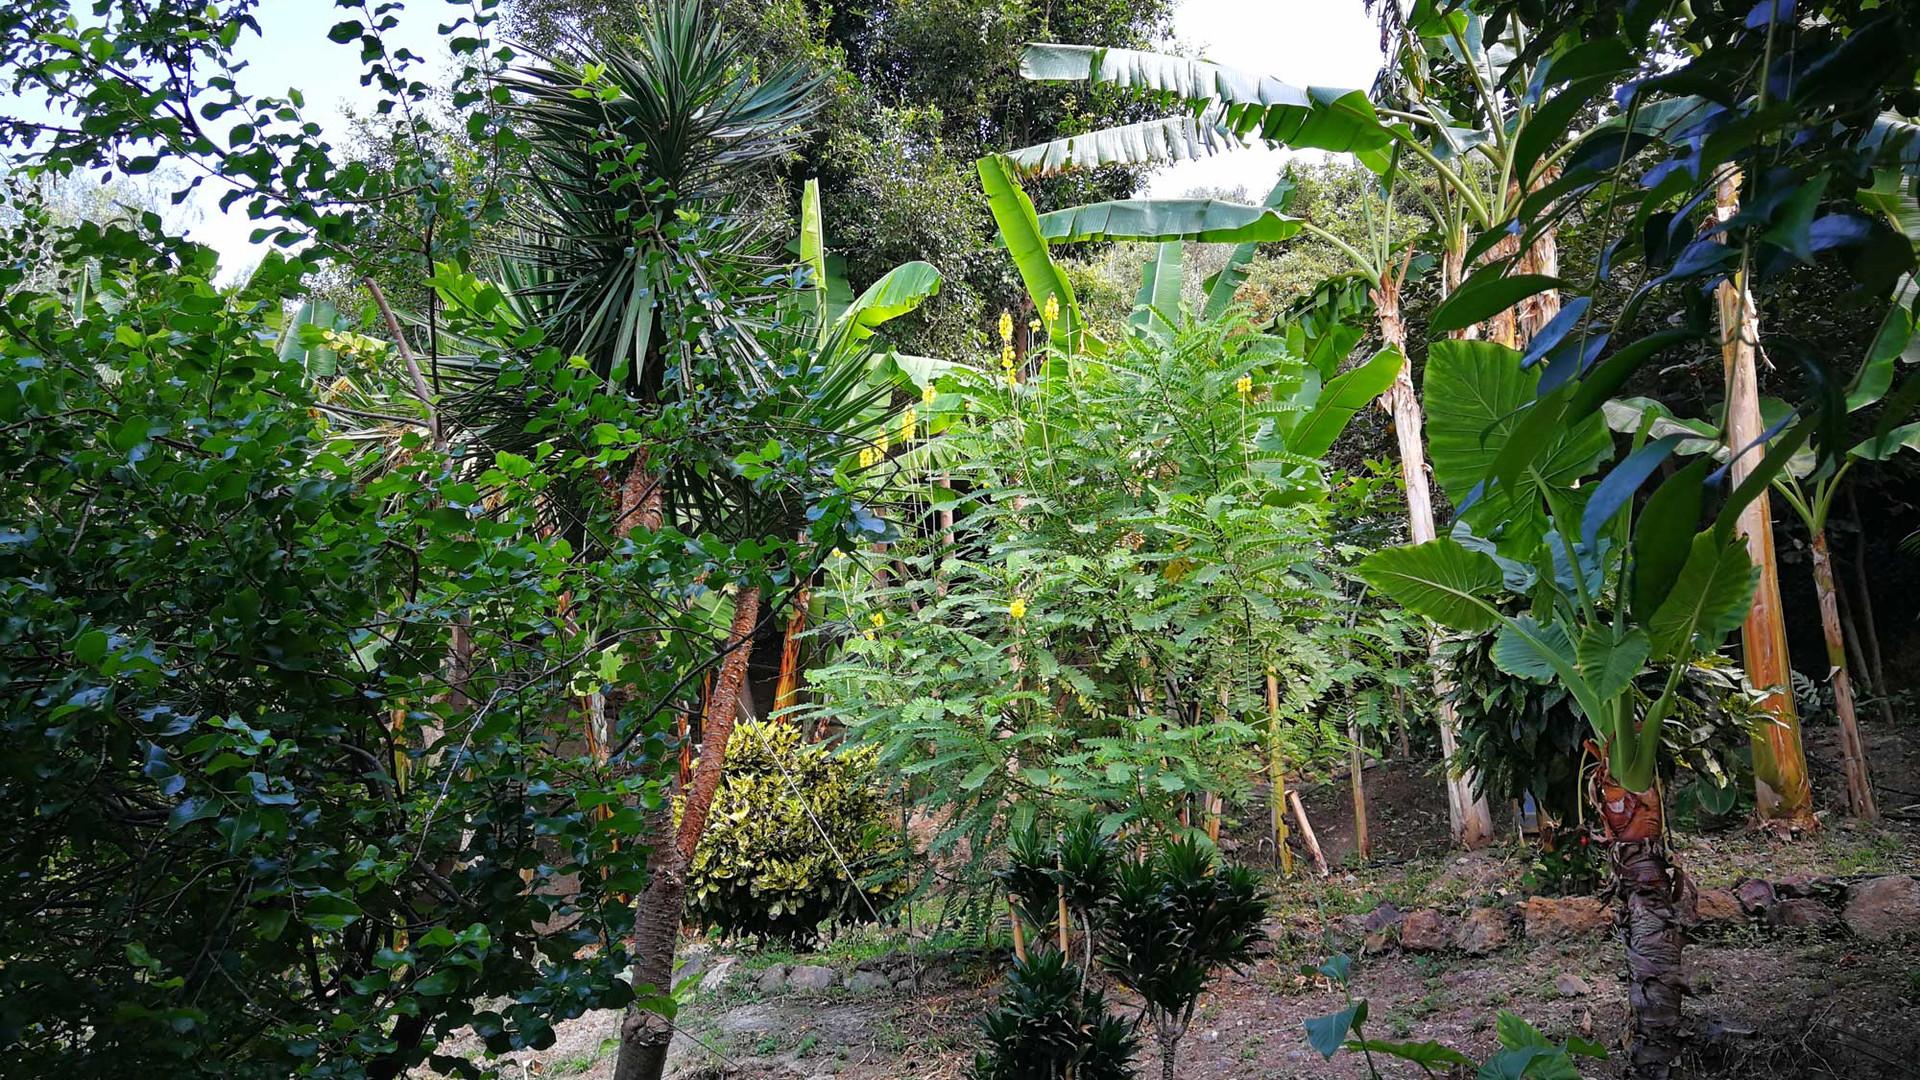 Botanical park and gardens